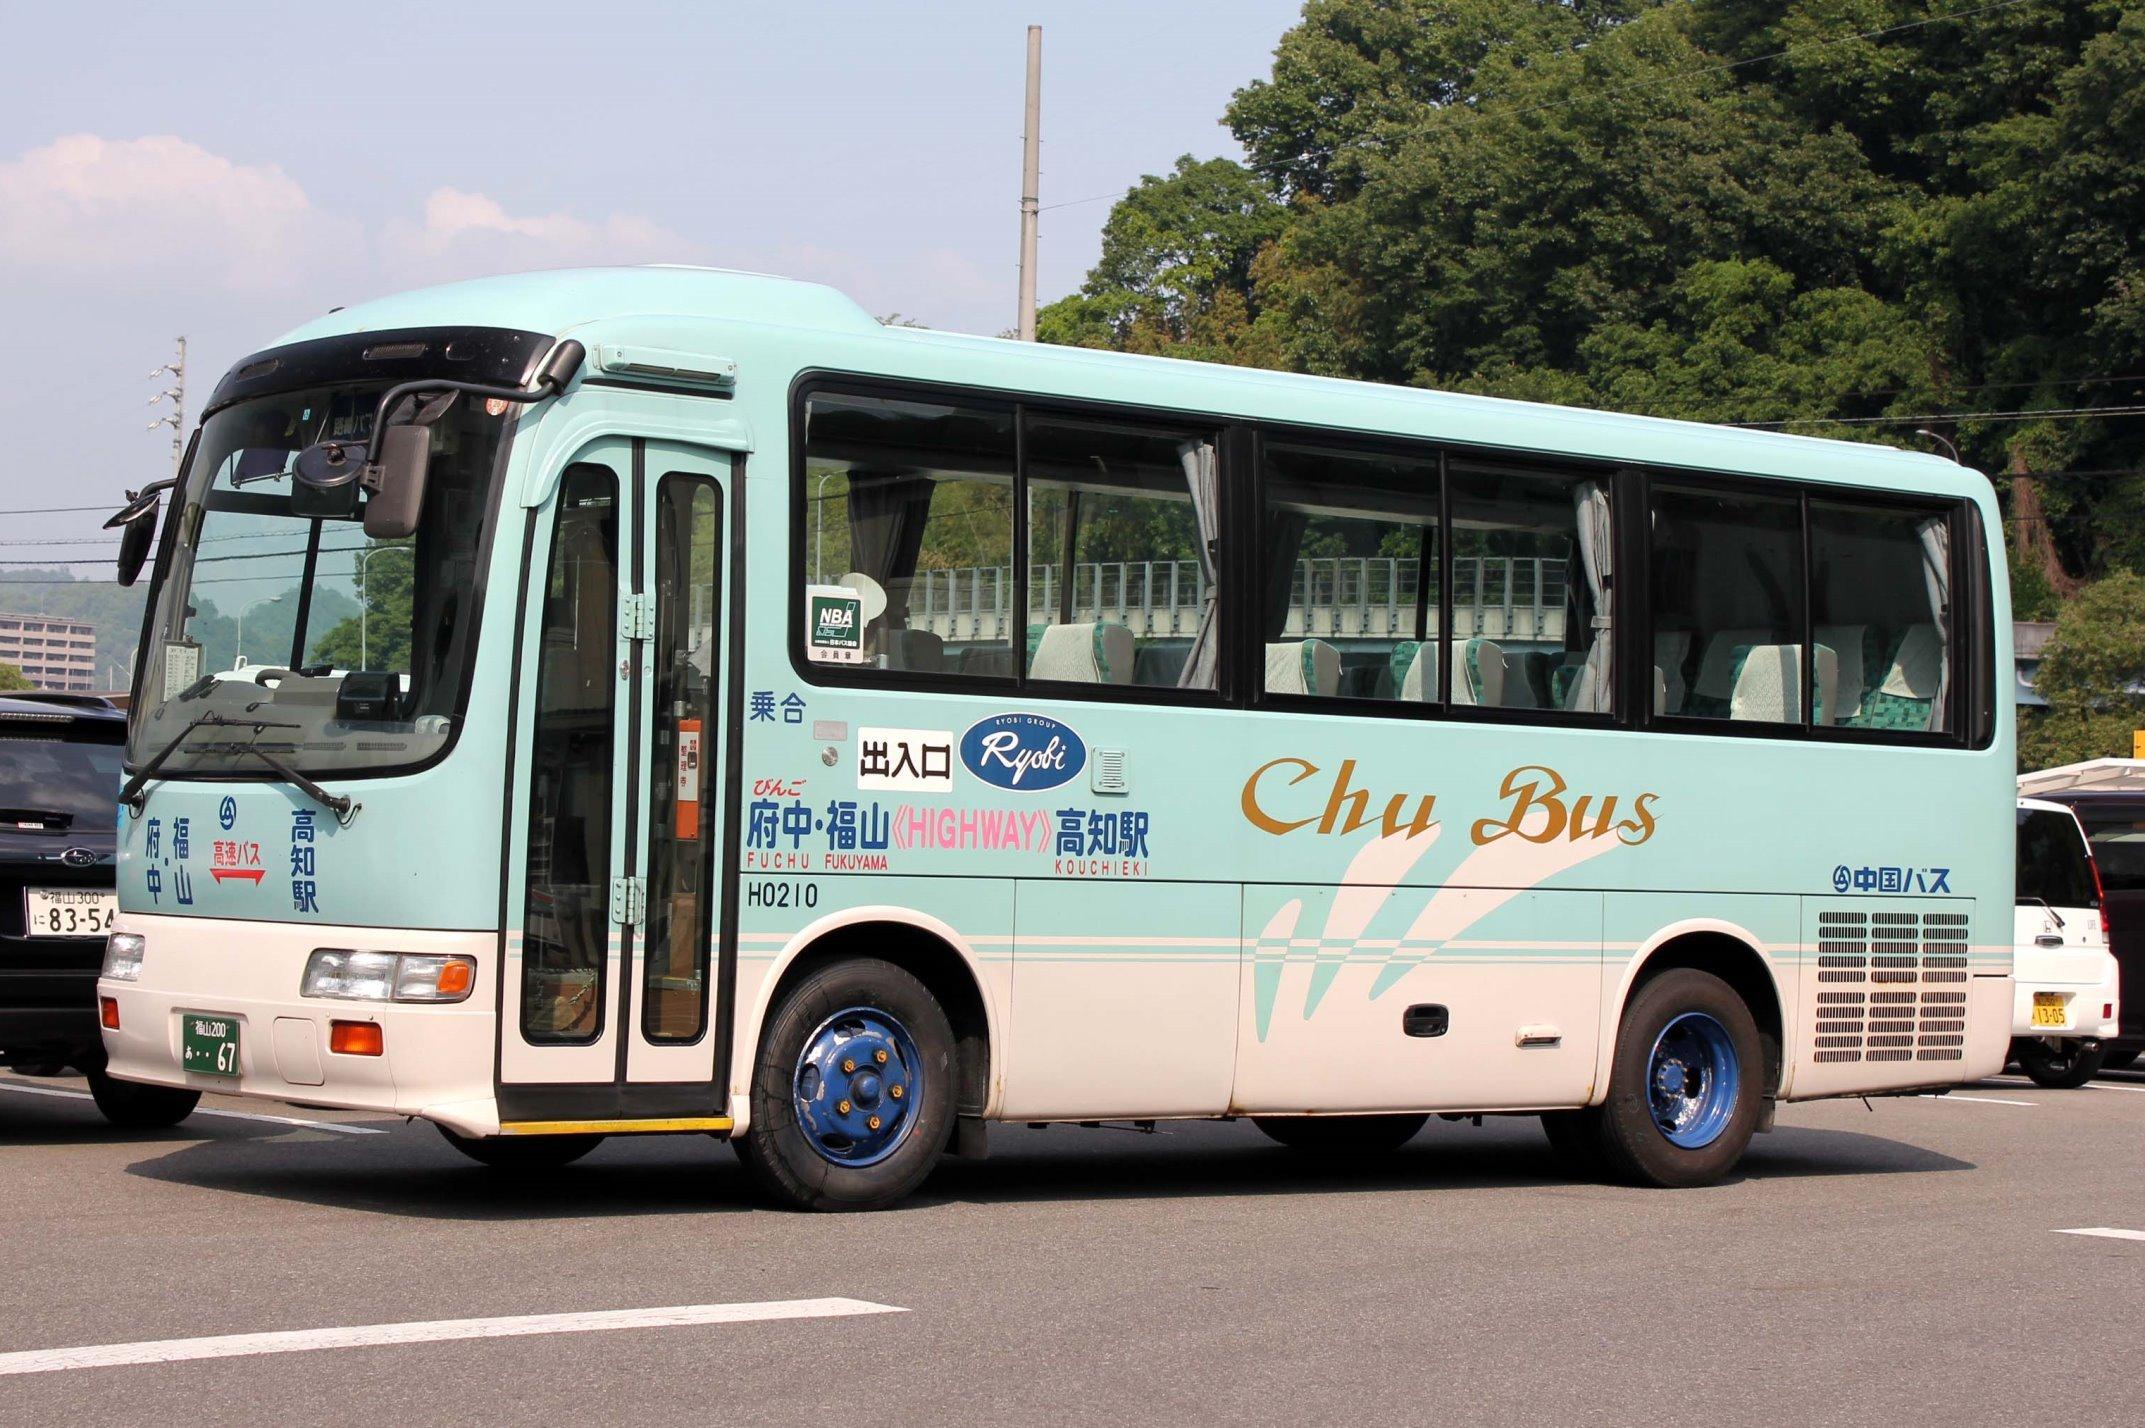 中国バス H0210